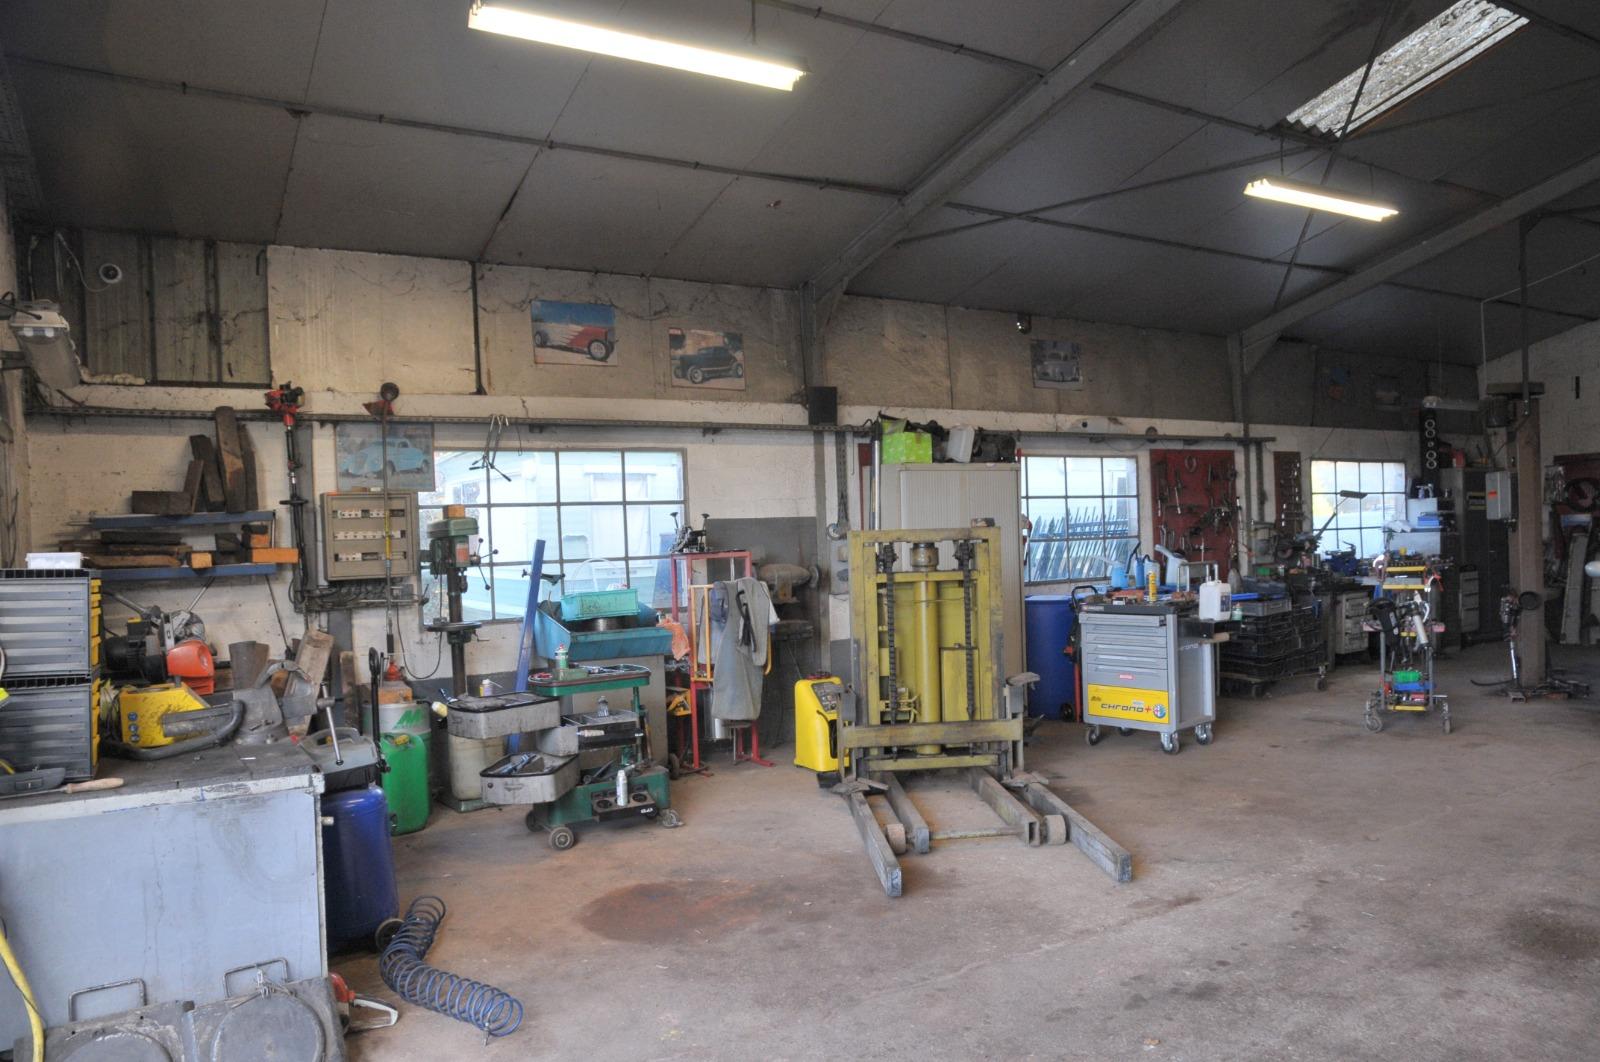 A vendre garage automobile murs et fond de commerce et maison d 39 habitation 3d immobilier - Commerce garage a vendre ...